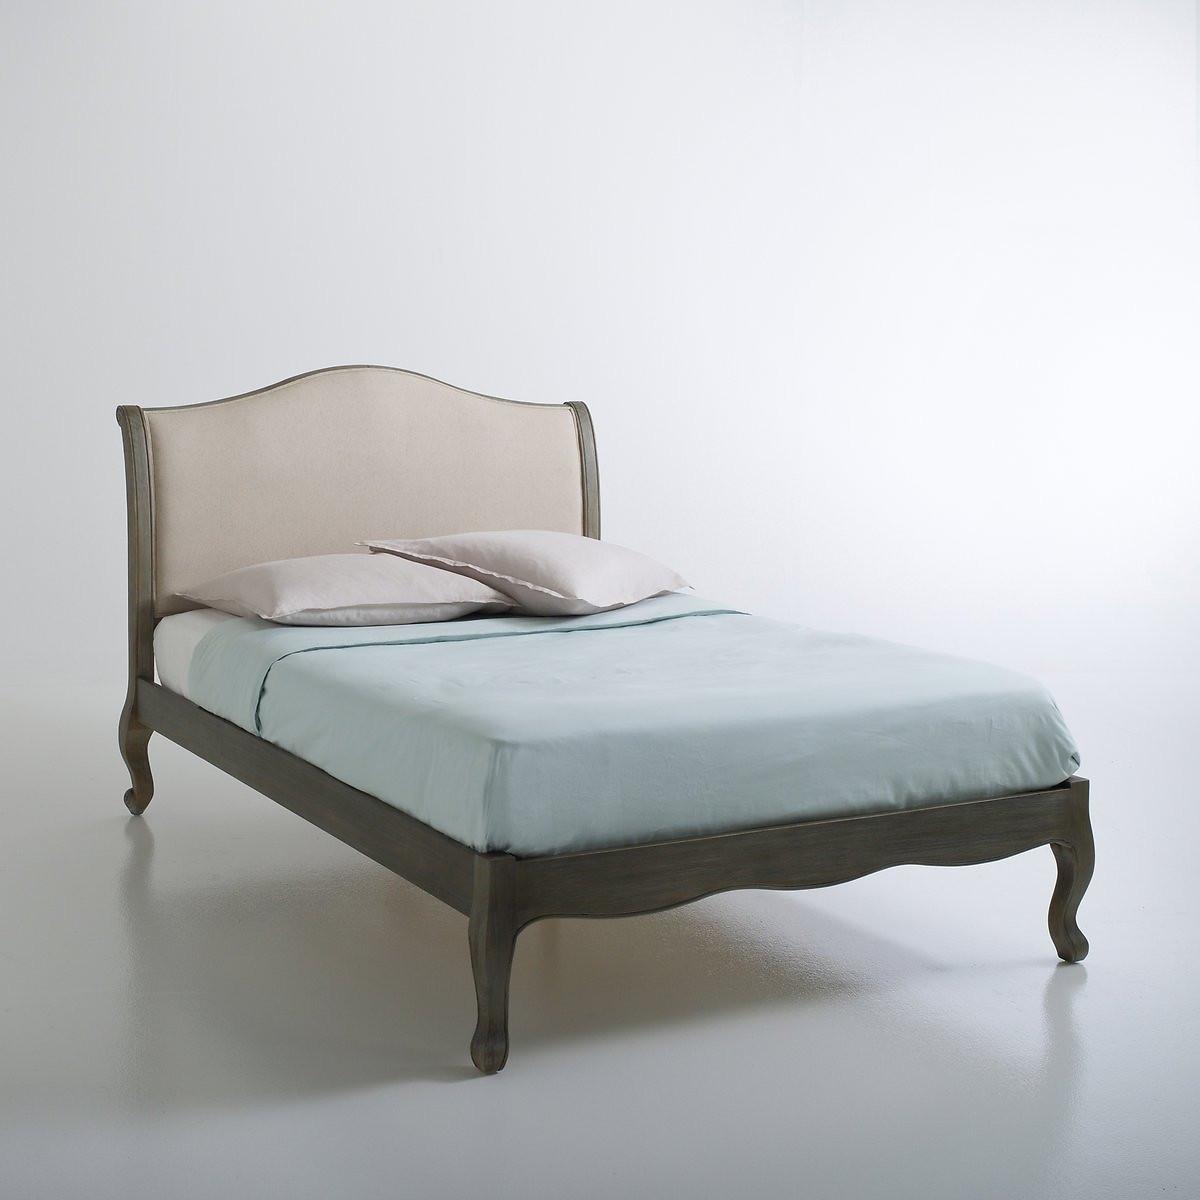 Кровать LaRedoute 2-спальная сетка Janel 140 x 190 см бежевый